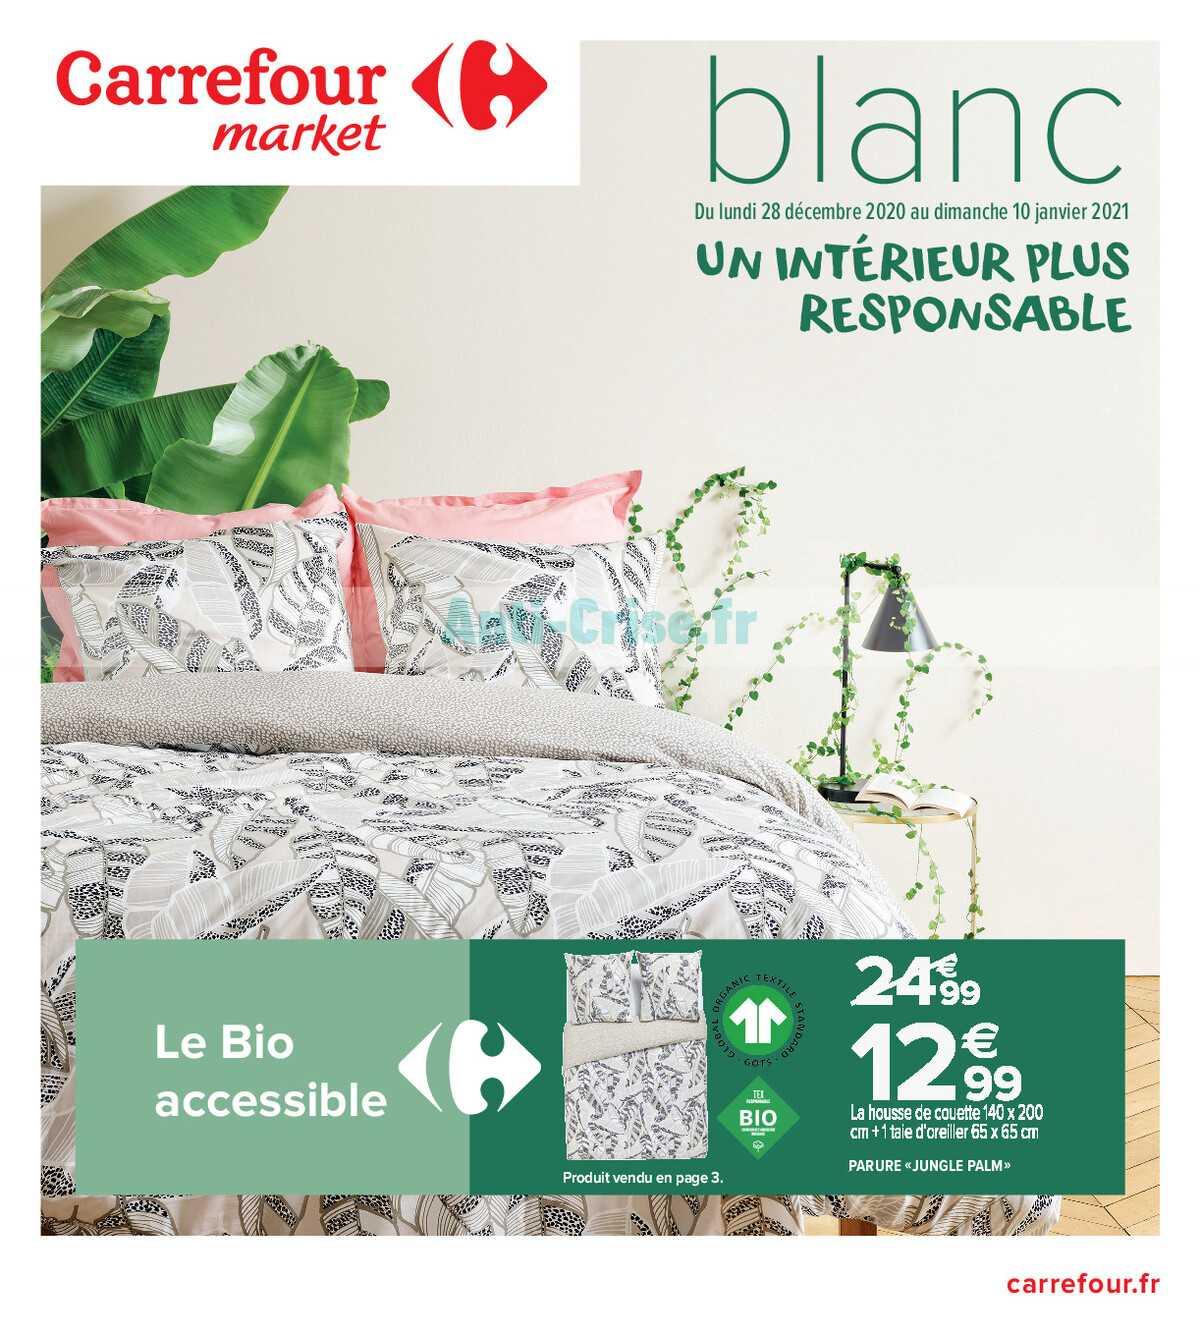 Carrefour Market Le Nouveau Catalogue Du 28 Decembre 2020 Au 10 Janvier 2021 Est Disponible Voici Les Dernieres Promos A Ne Pas Manquer